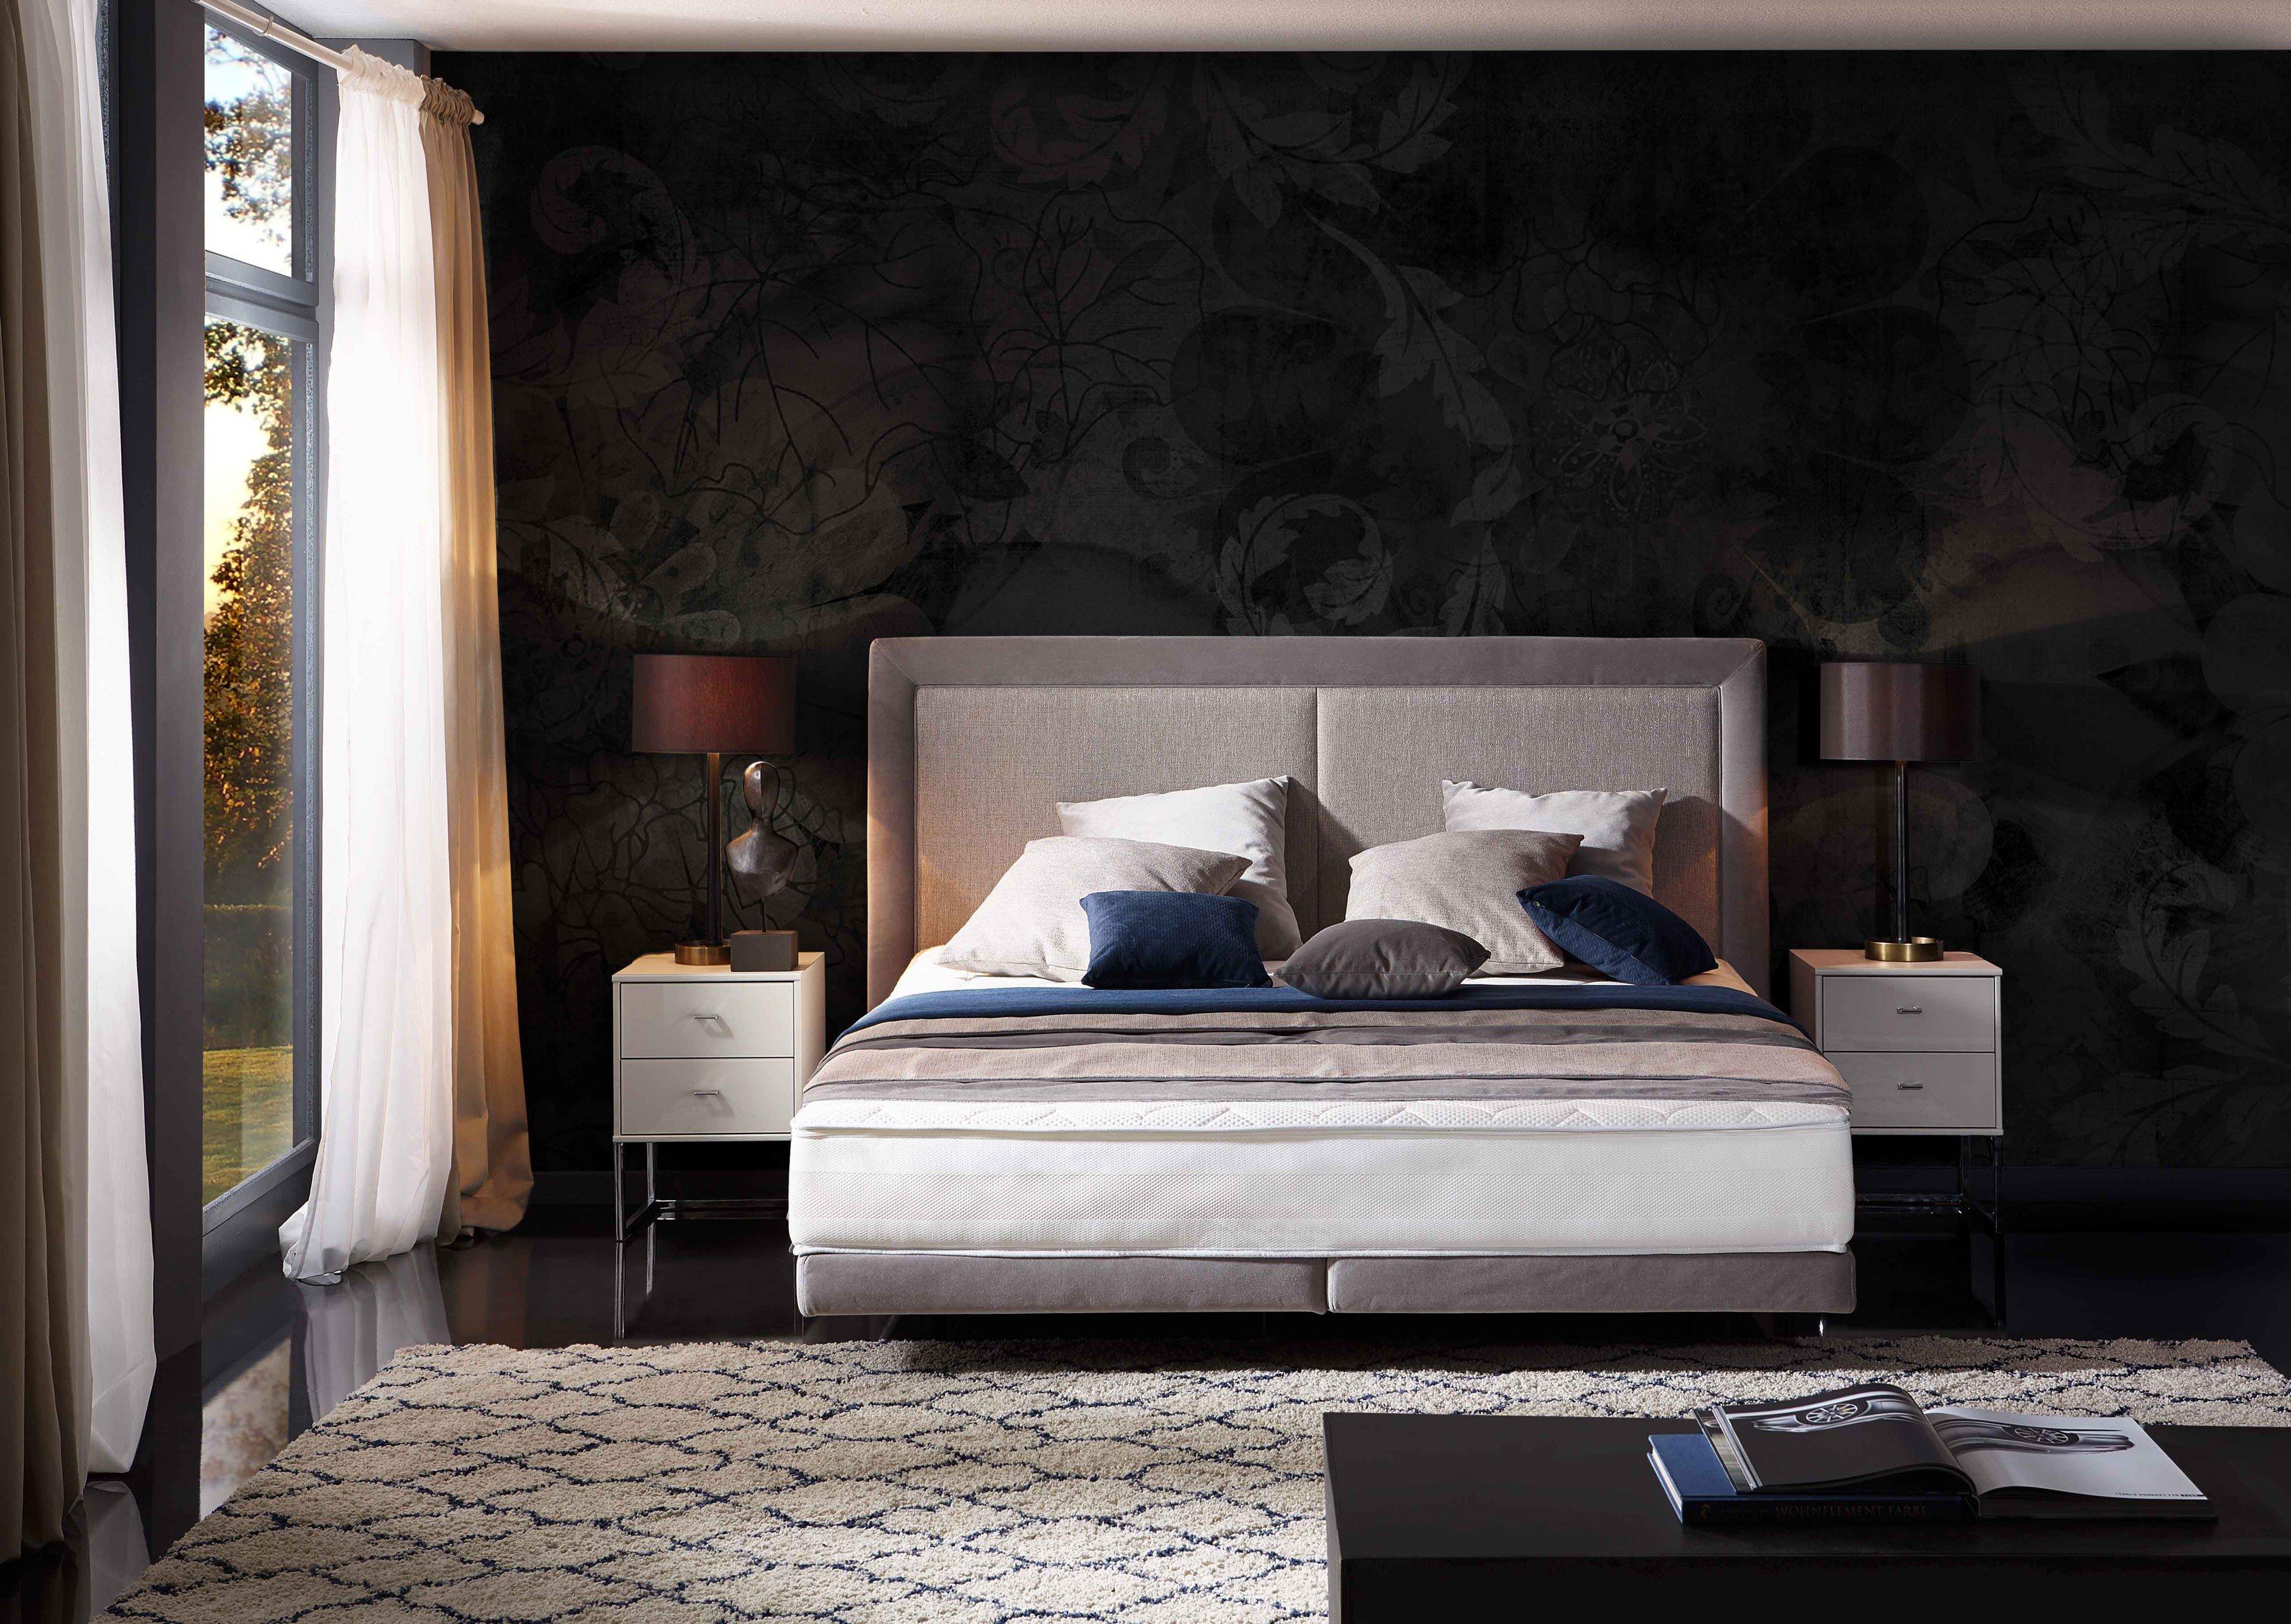 otten boxspringbett wien silber edition matratze m bel letz ihr online shop. Black Bedroom Furniture Sets. Home Design Ideas